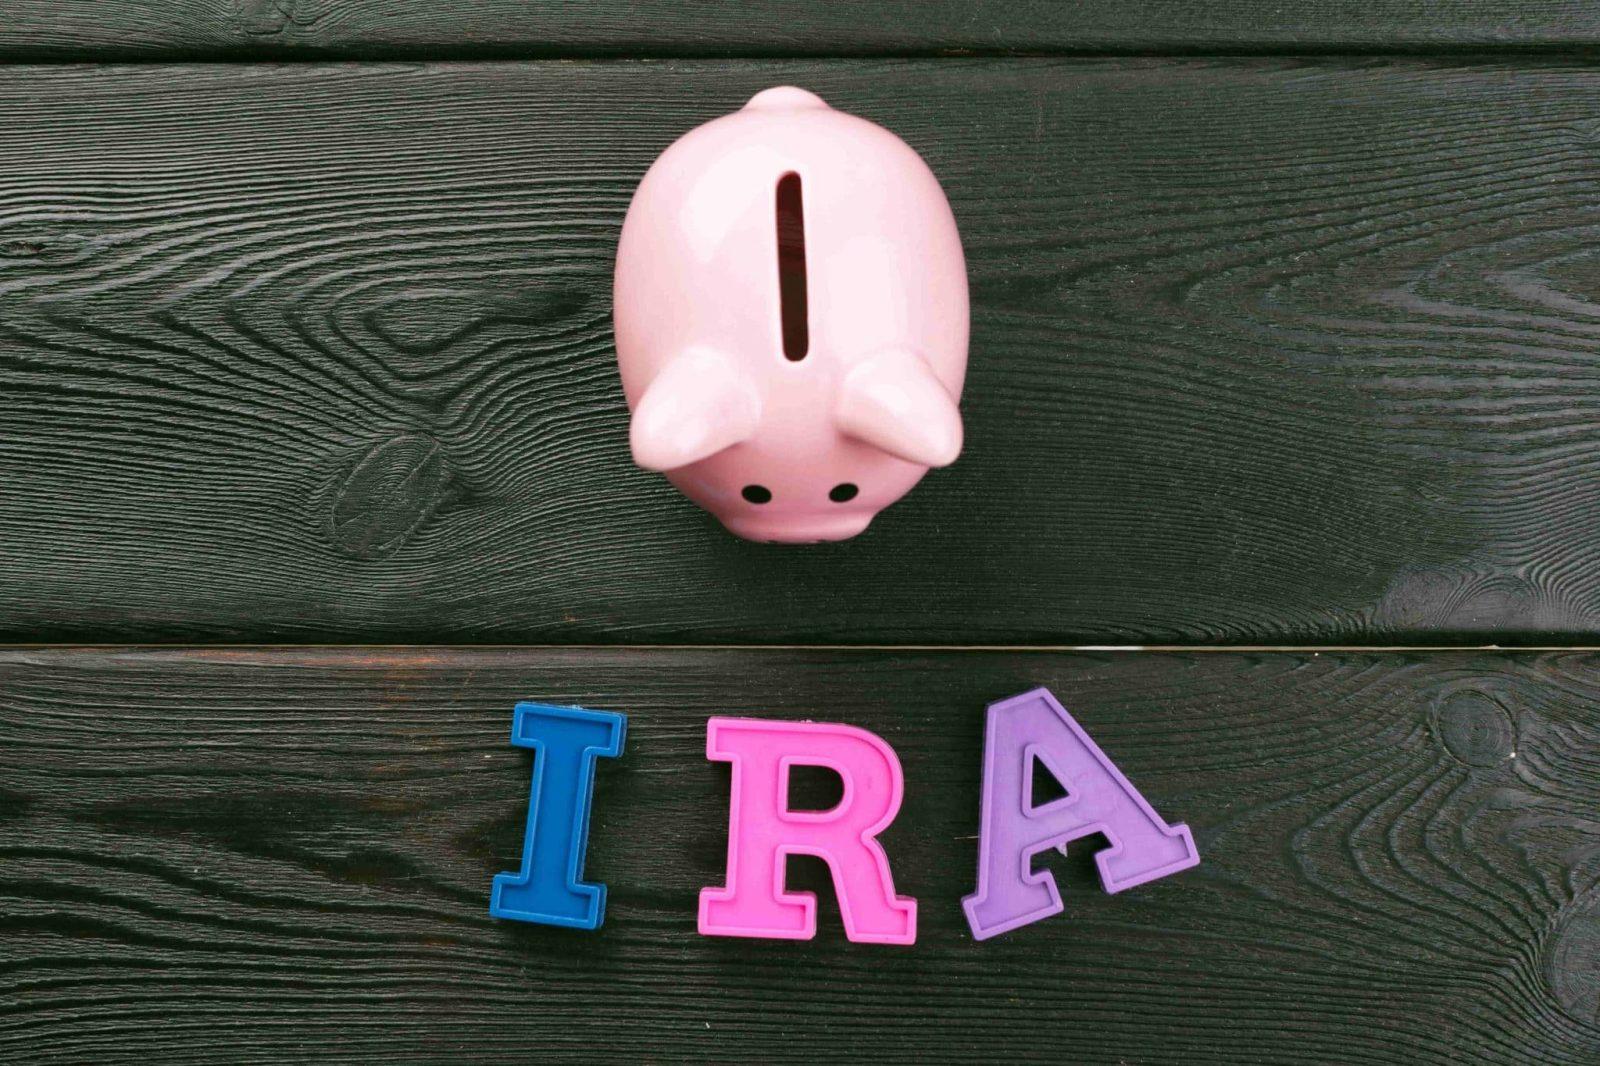 מהם היתרונות והחסרונות של IRA